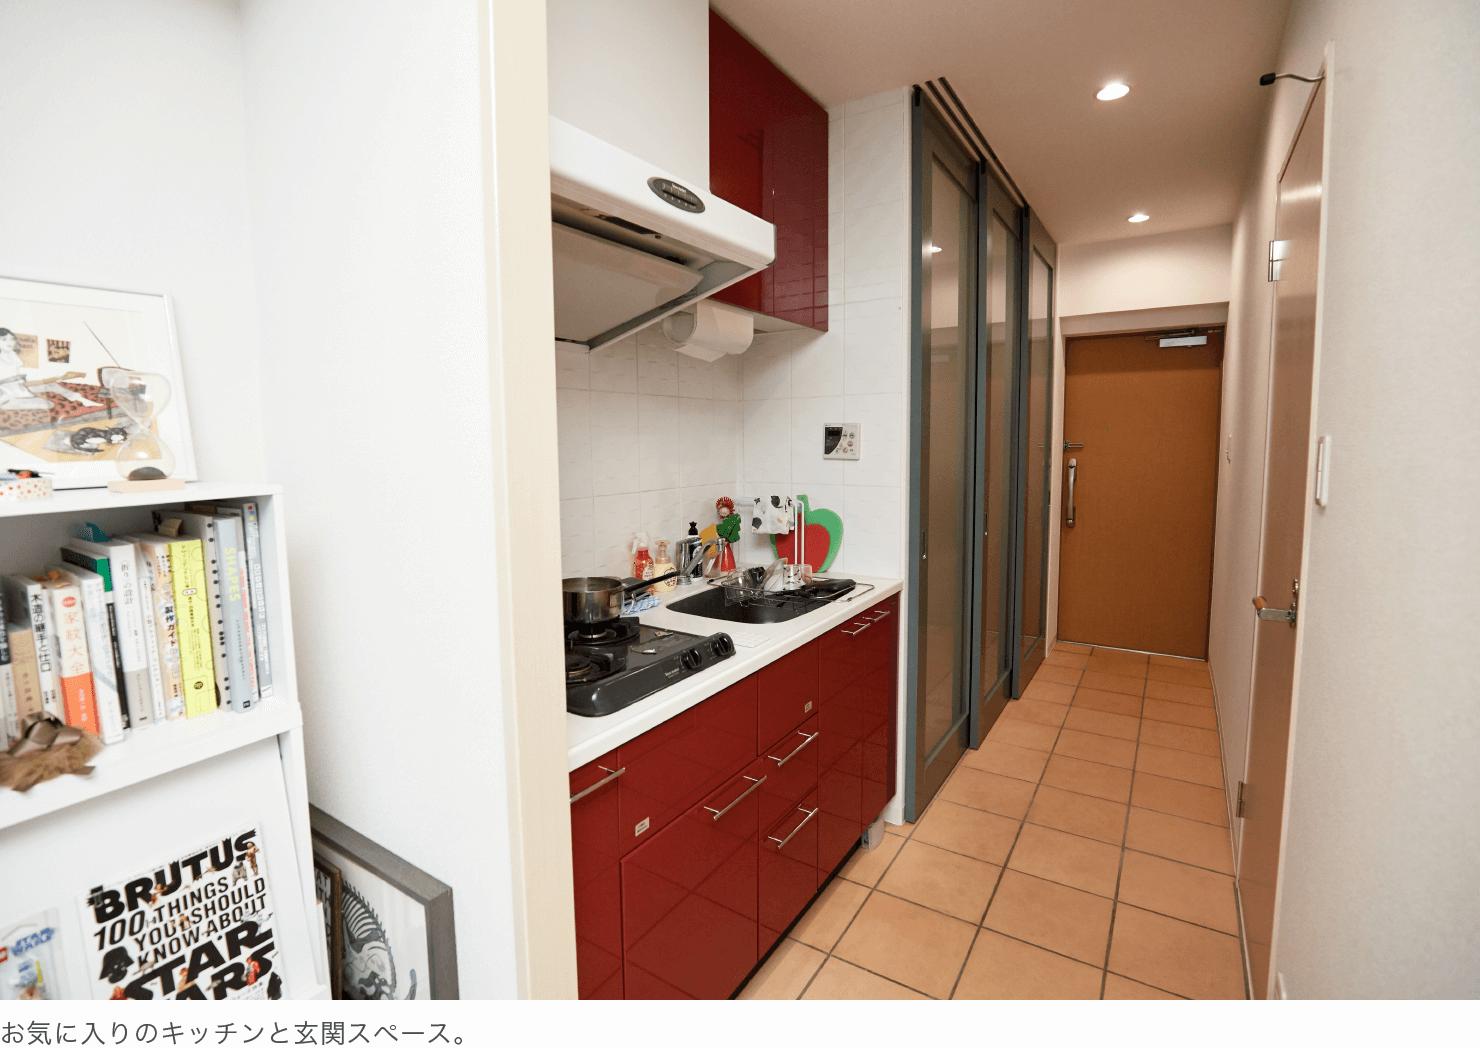 お気に入りのキッチンと玄関スペース。